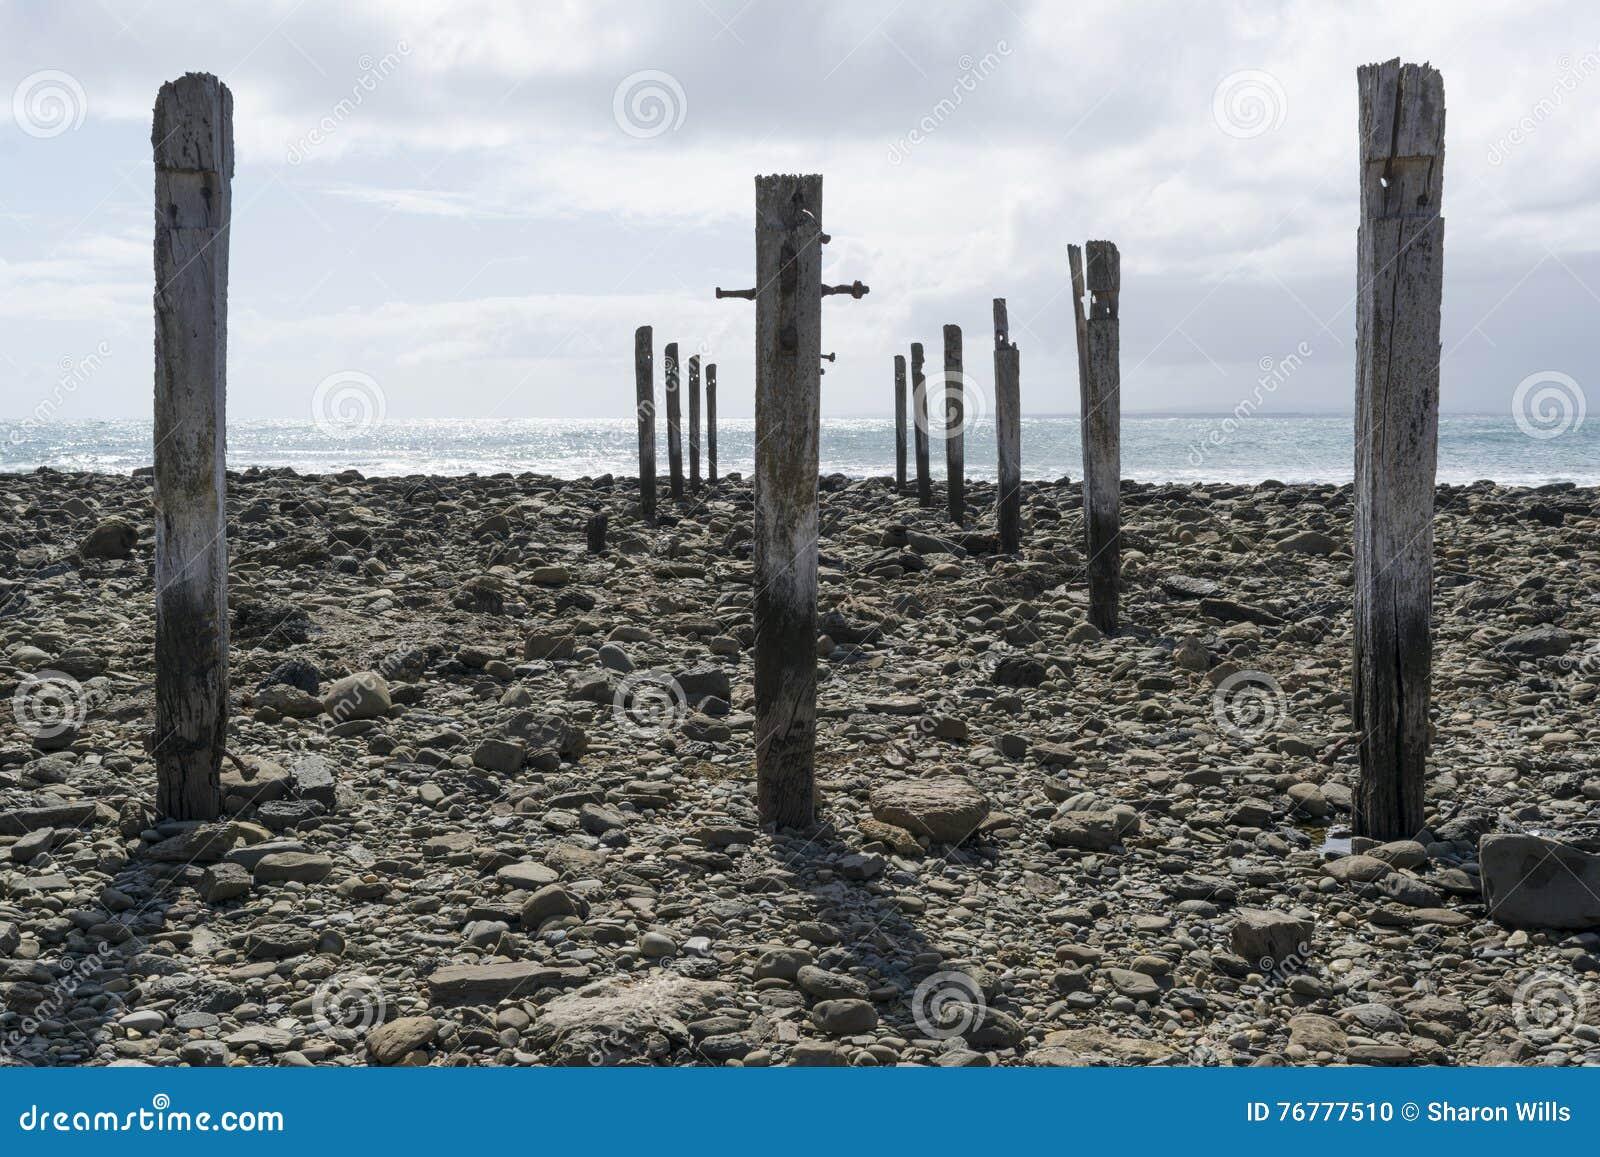 Poste della colonna del pilone, rovine del molo, spiaggia di Myponga, Australia Meridionale